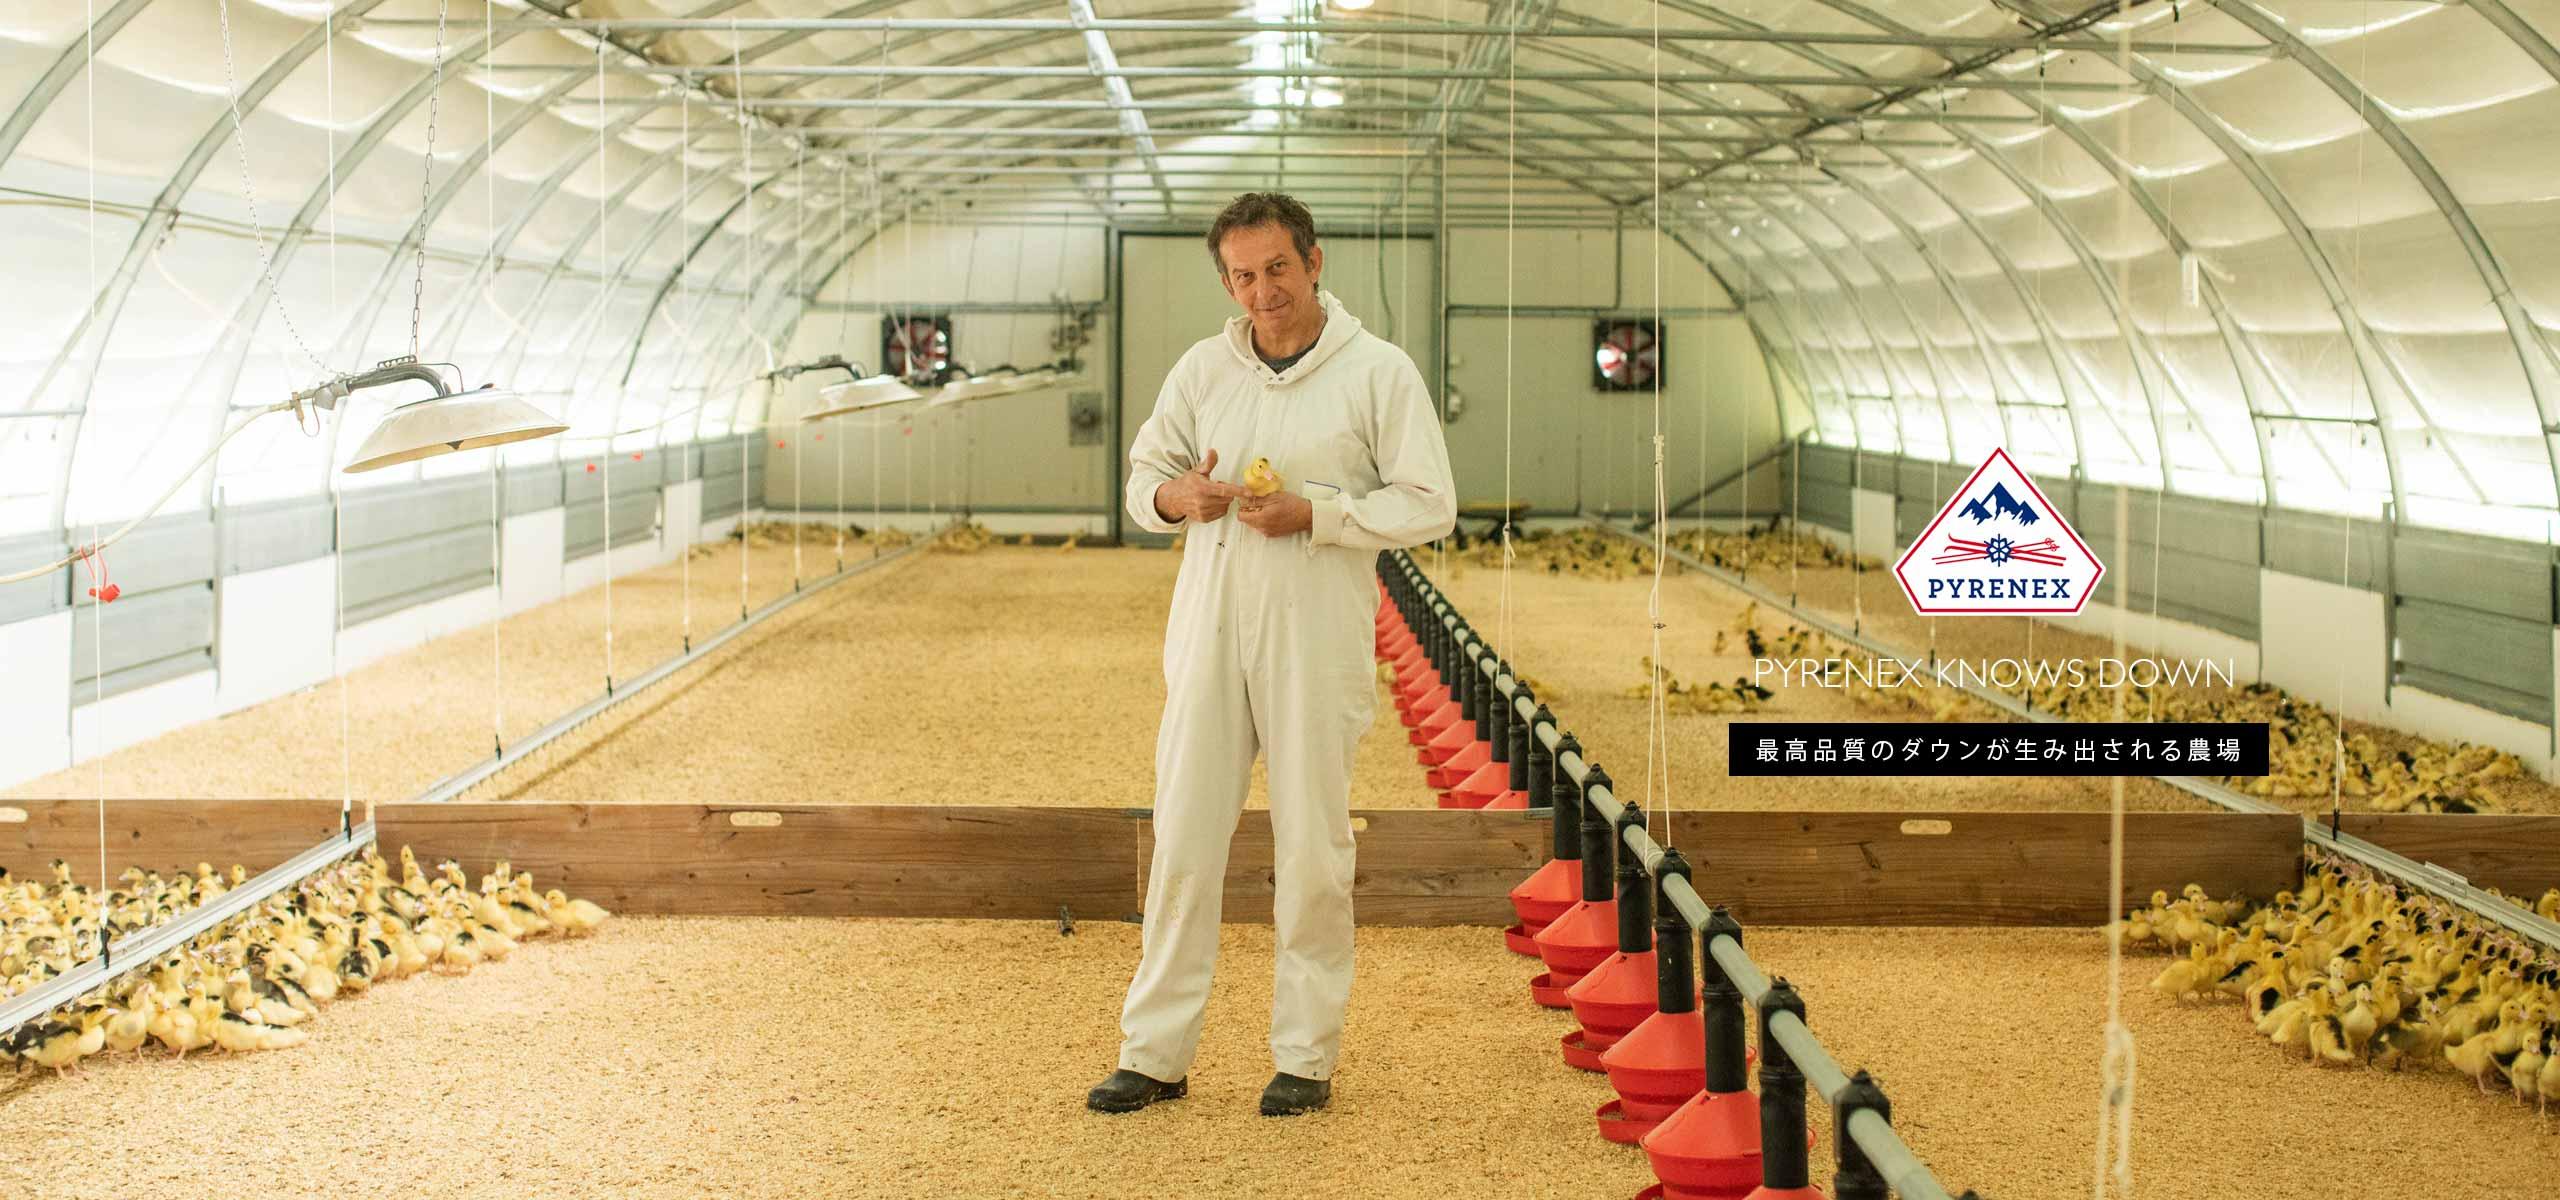 最高品質のダウンが生み出される農場 -PYRENEX KNOWS DOWN-